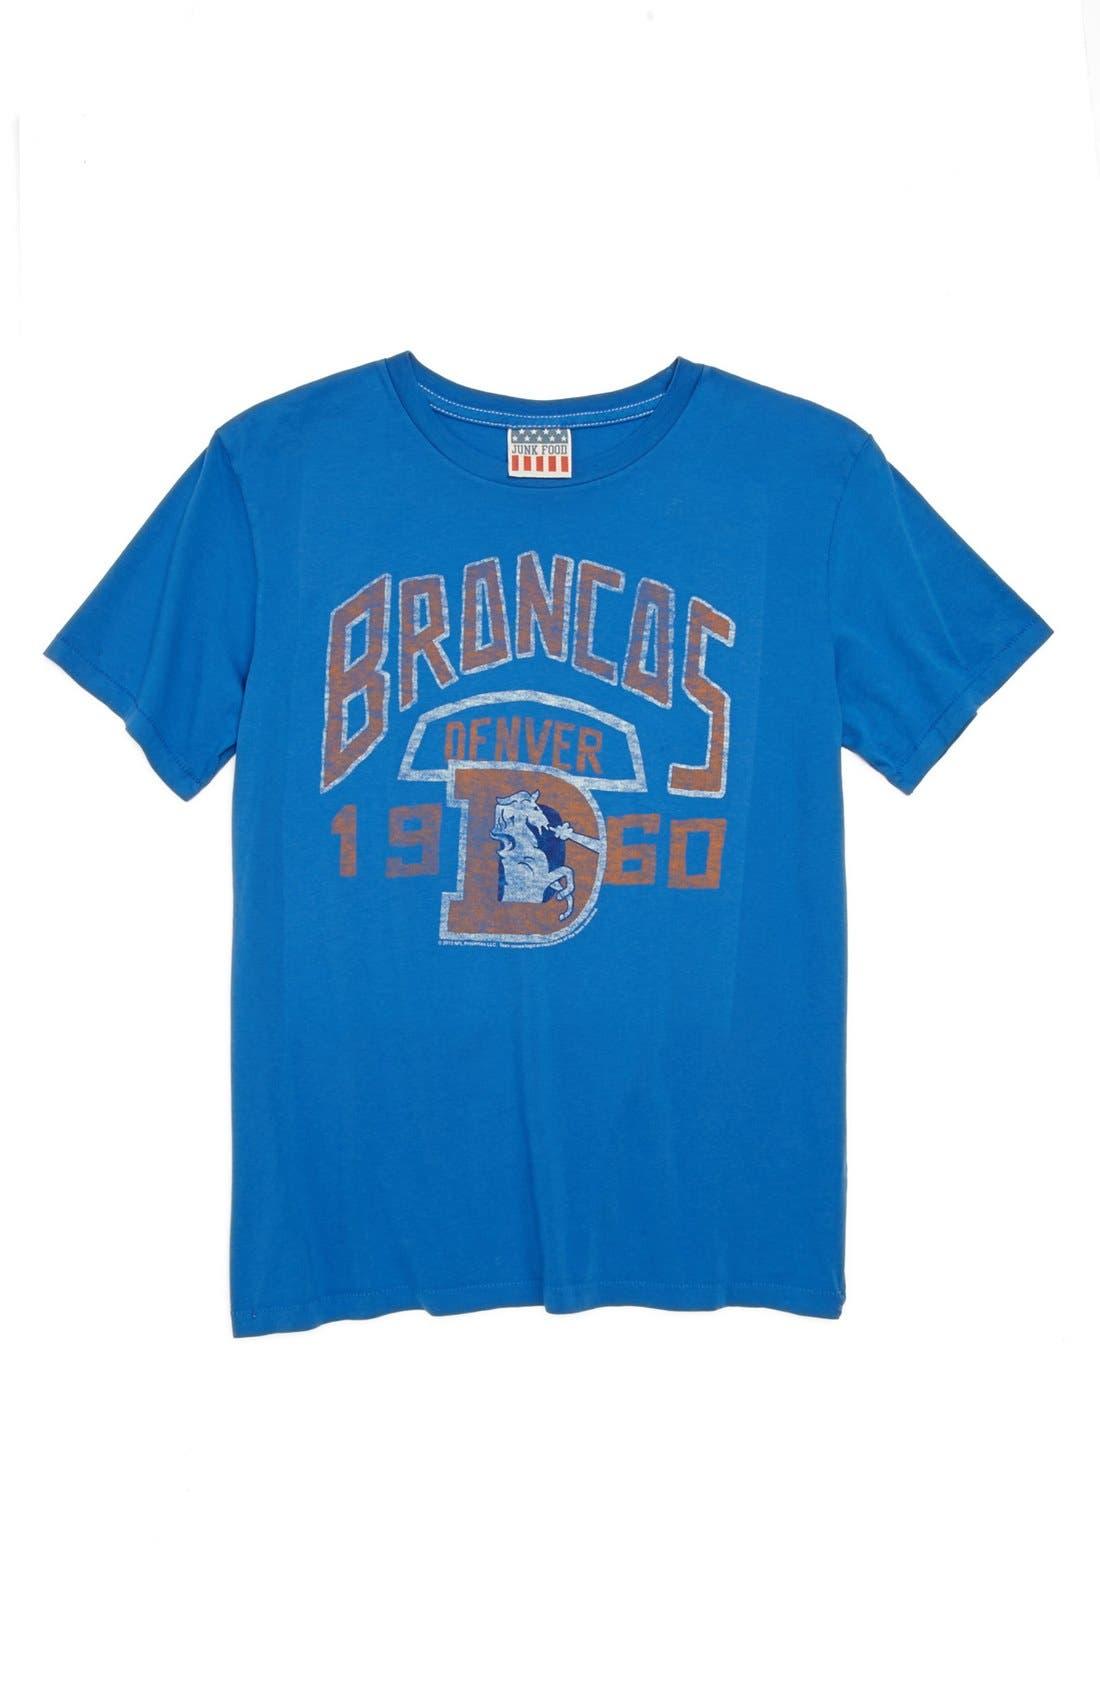 Alternate Image 1 Selected - Junk Food 'Denver Broncos' T-Shirt (Little Boys & Big Boys)